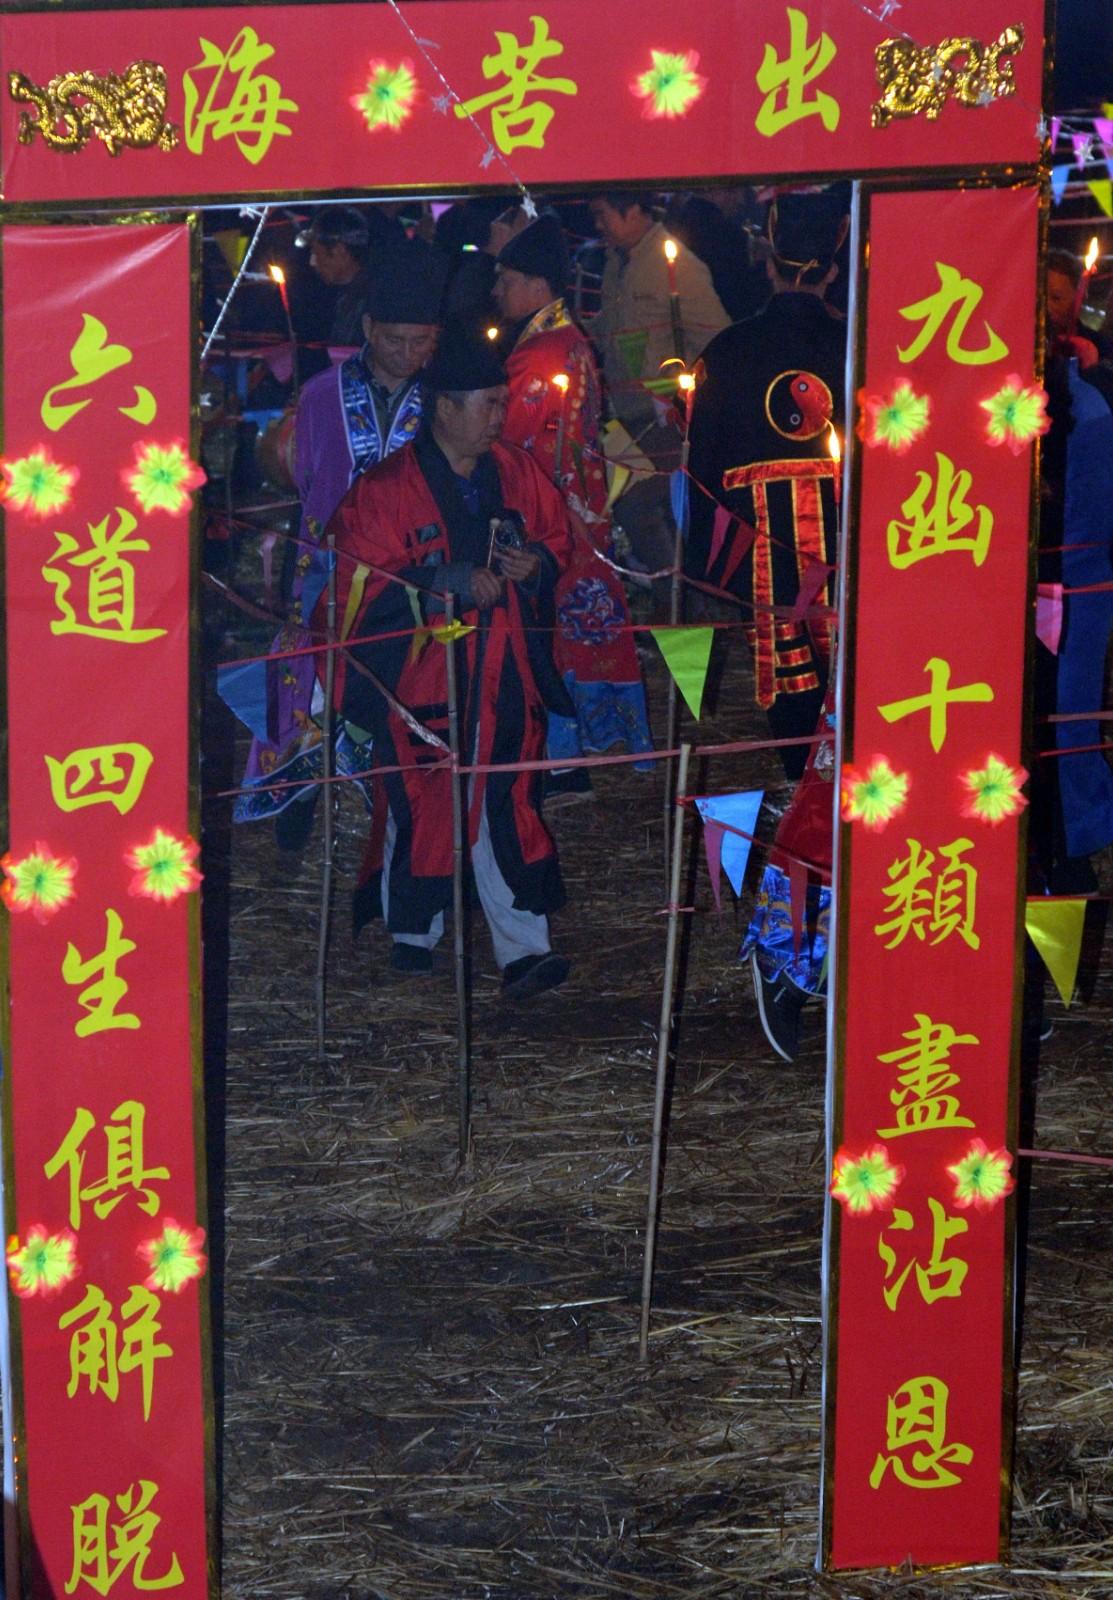 九曲黄河阵(七律)_图1-7